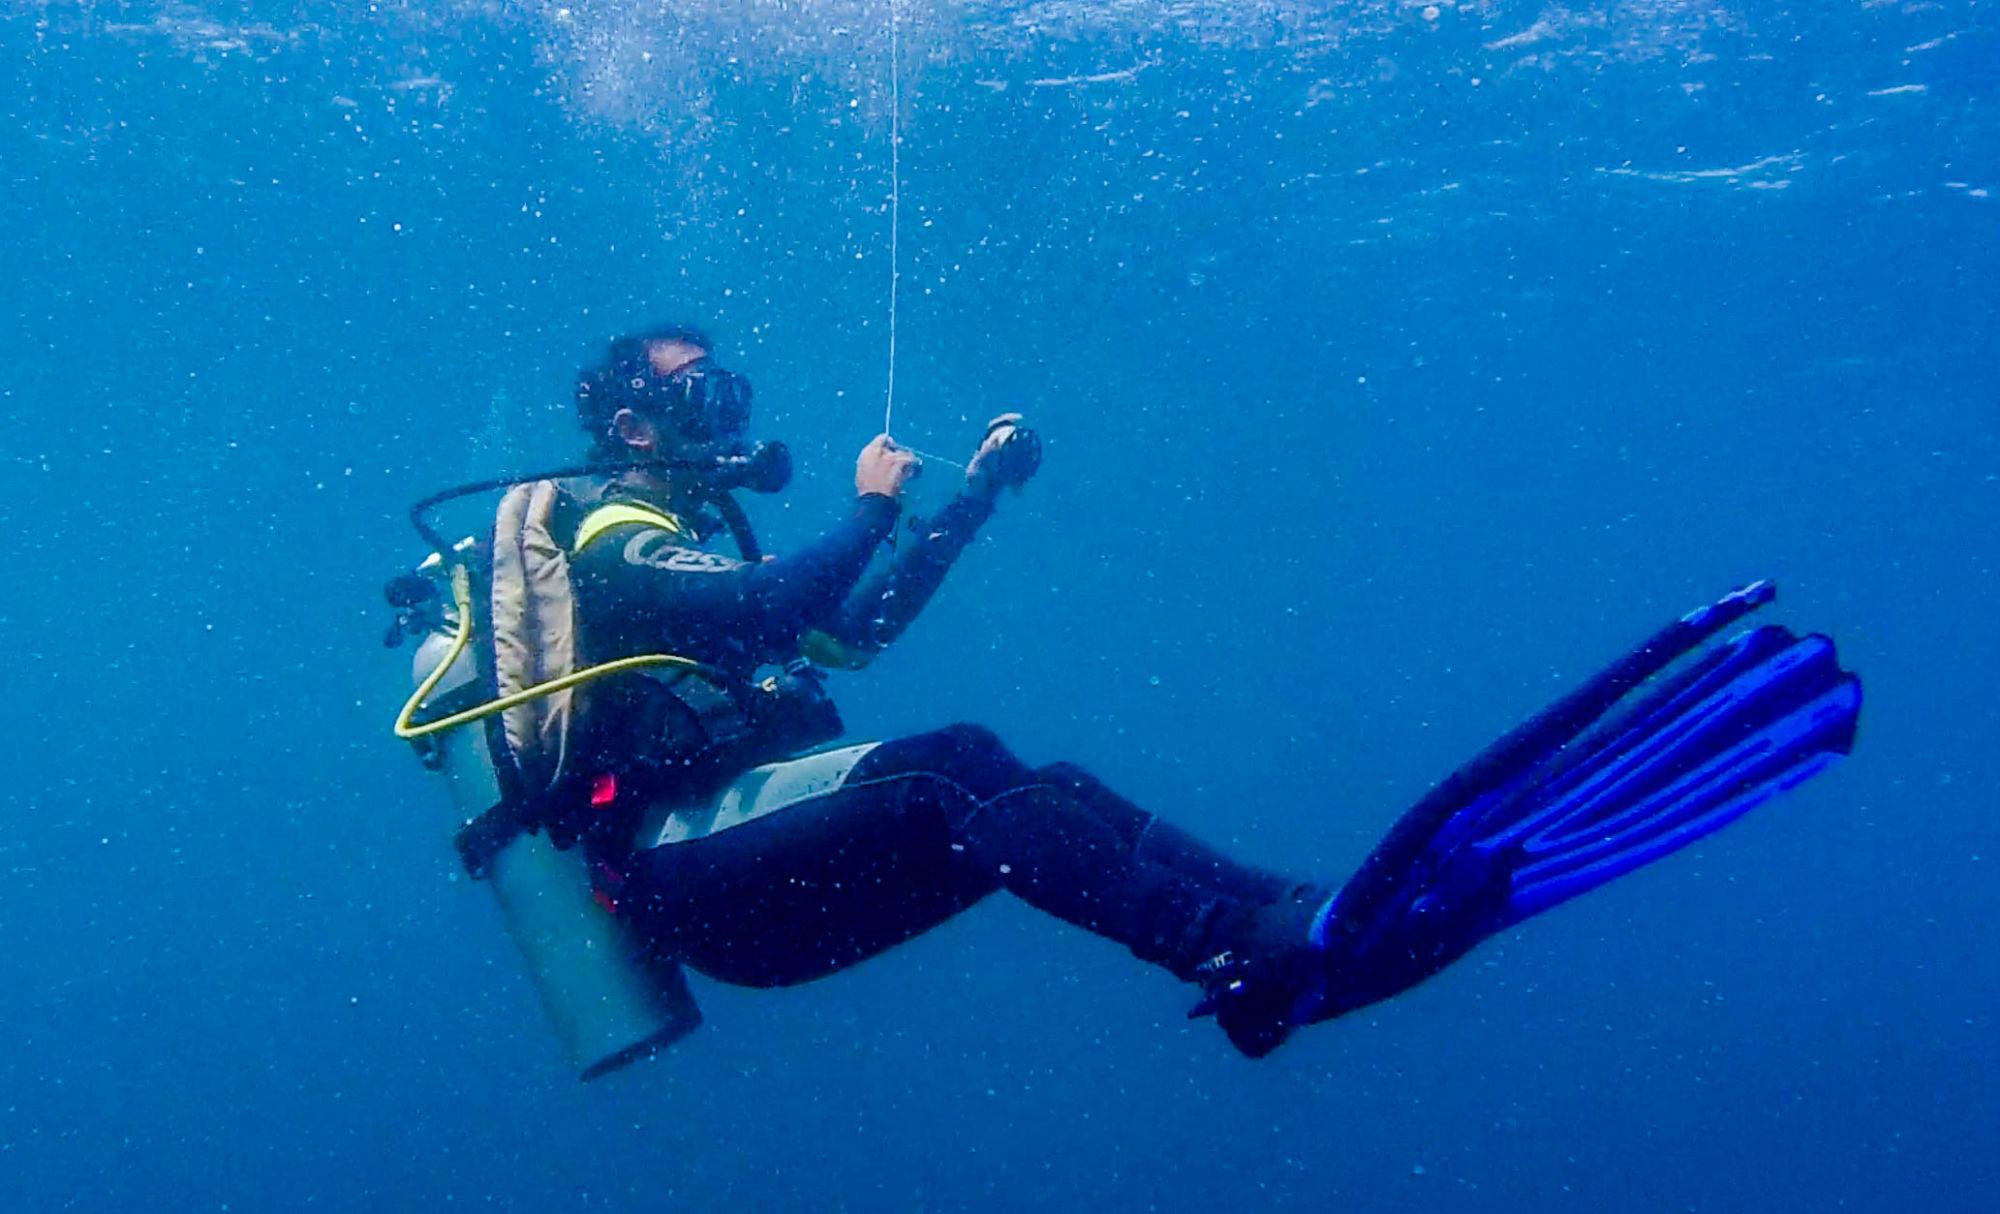 Carlos the Scuba Dive Master